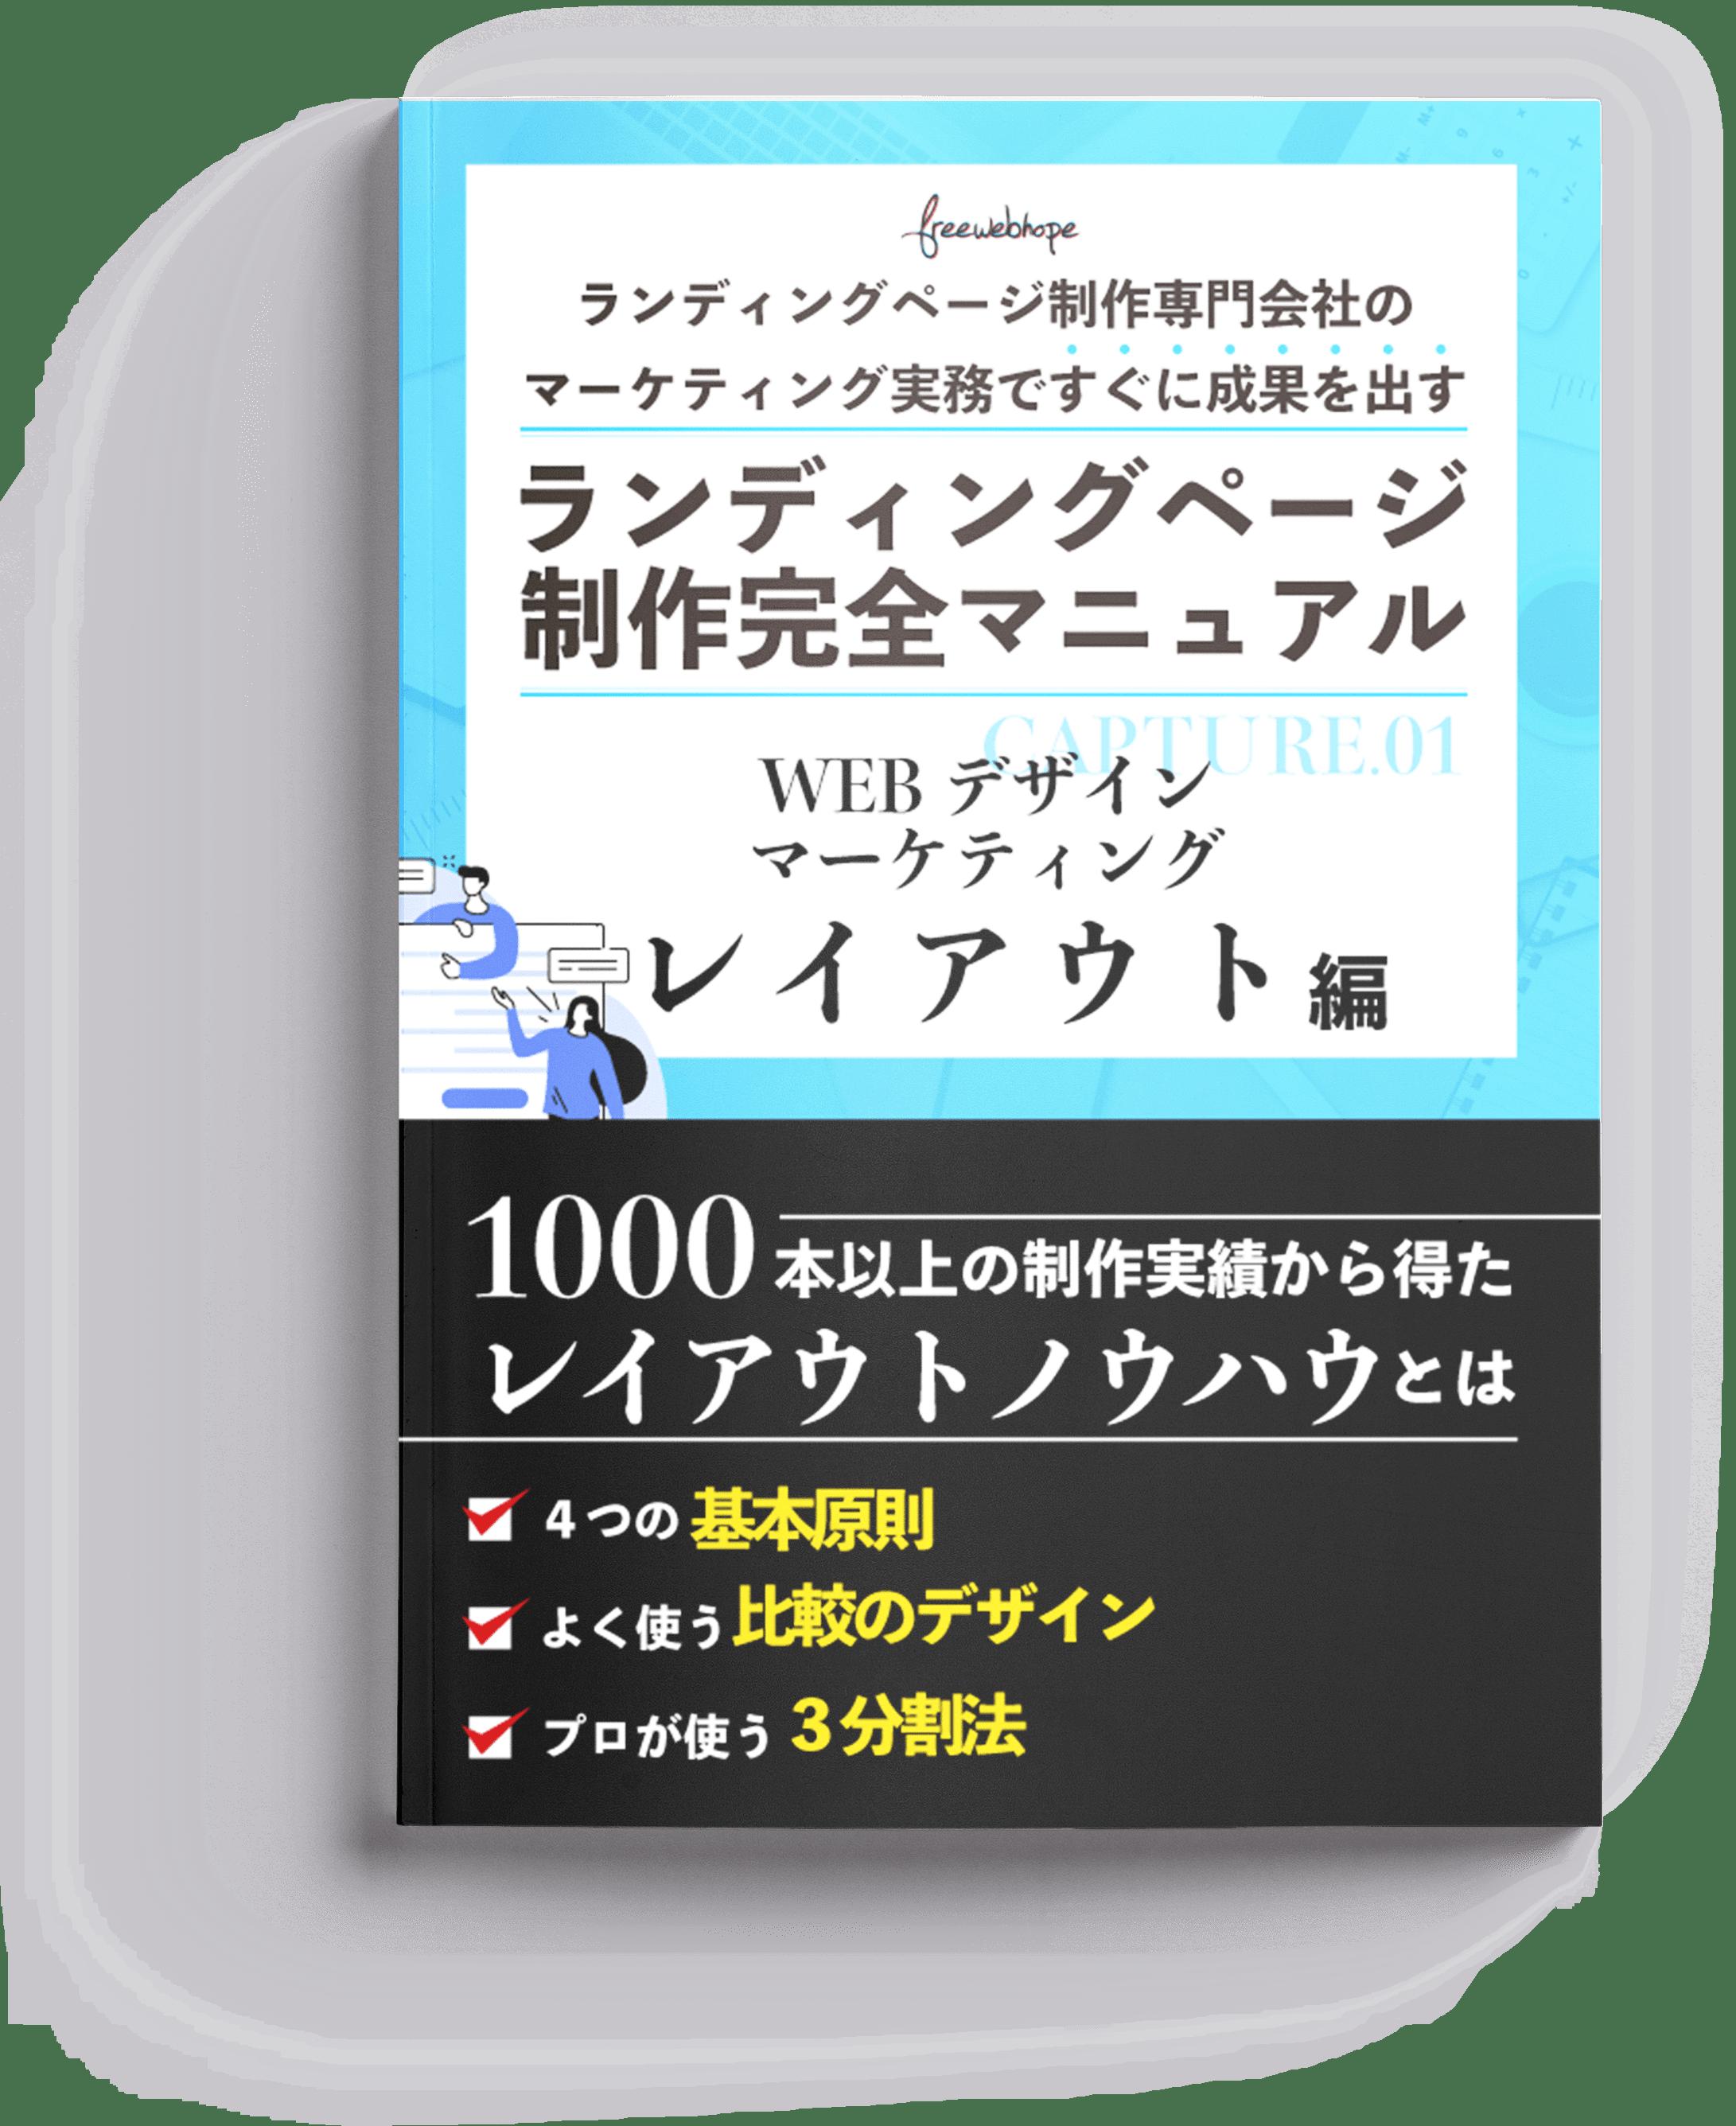 ランディングページ制作専門10年目の会社の完全マニュアル レイアウト編